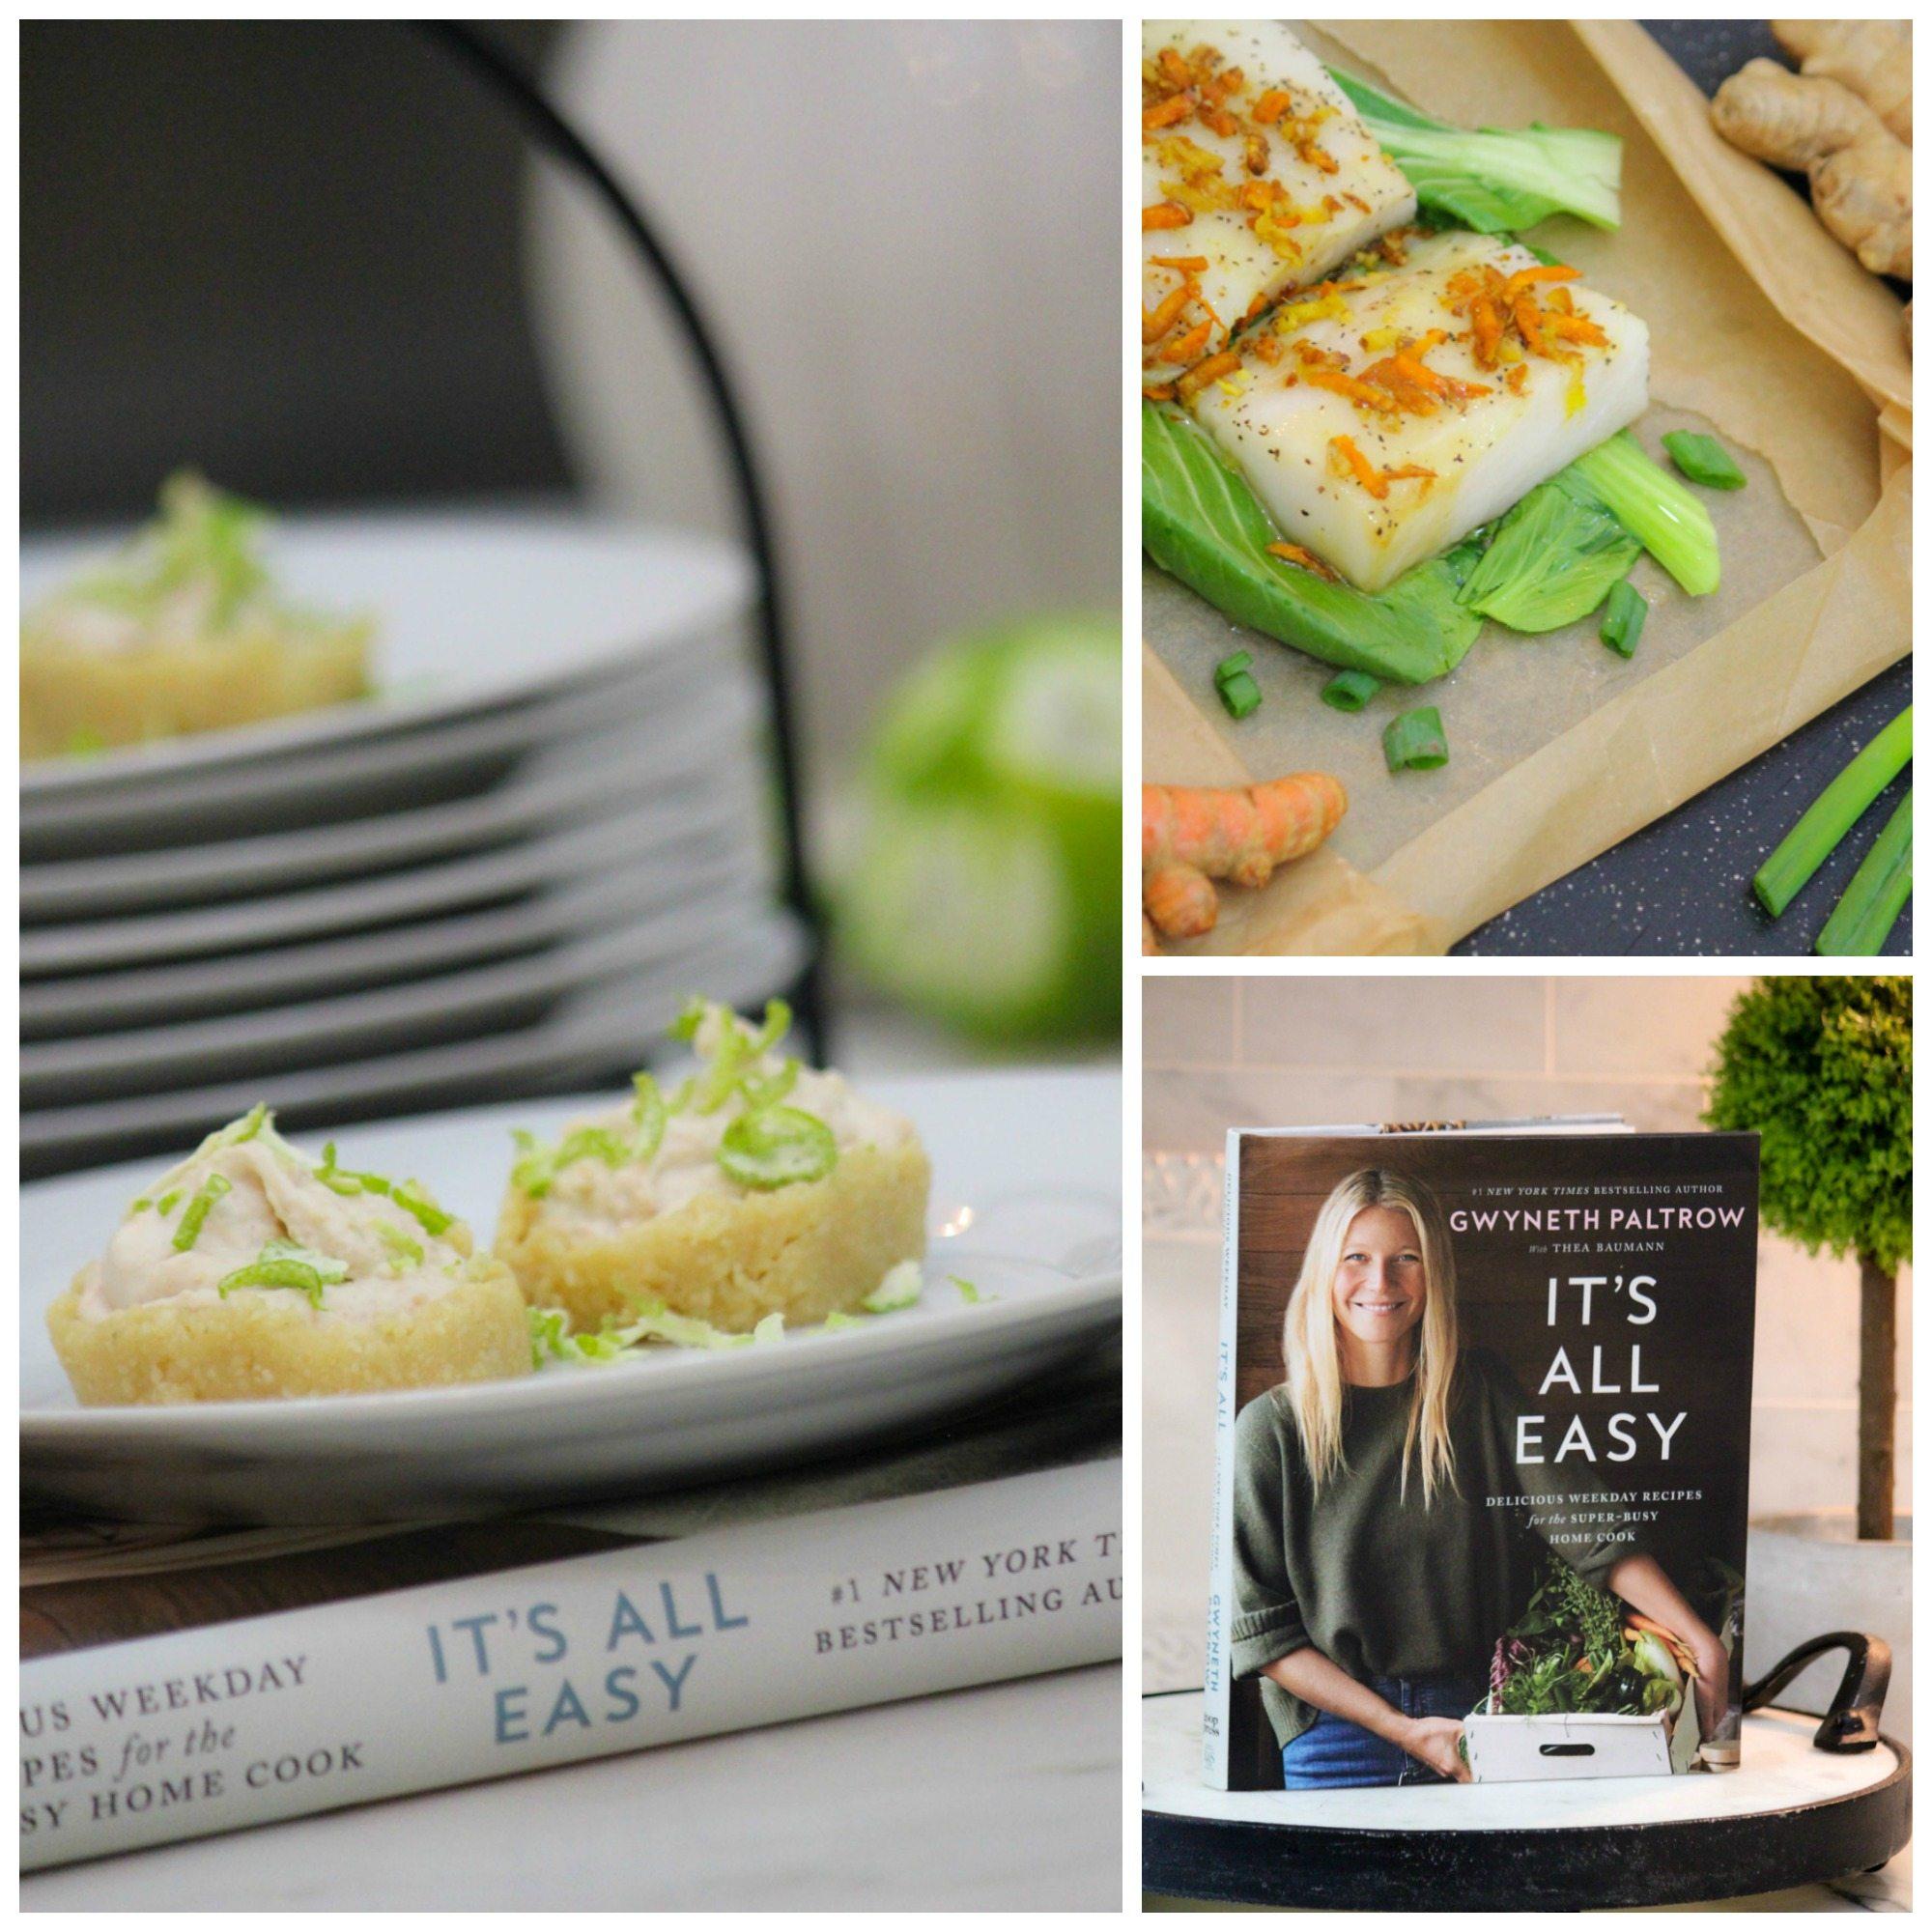 Gwyneth Paltrow's It's All Easy Healthy Fast Food